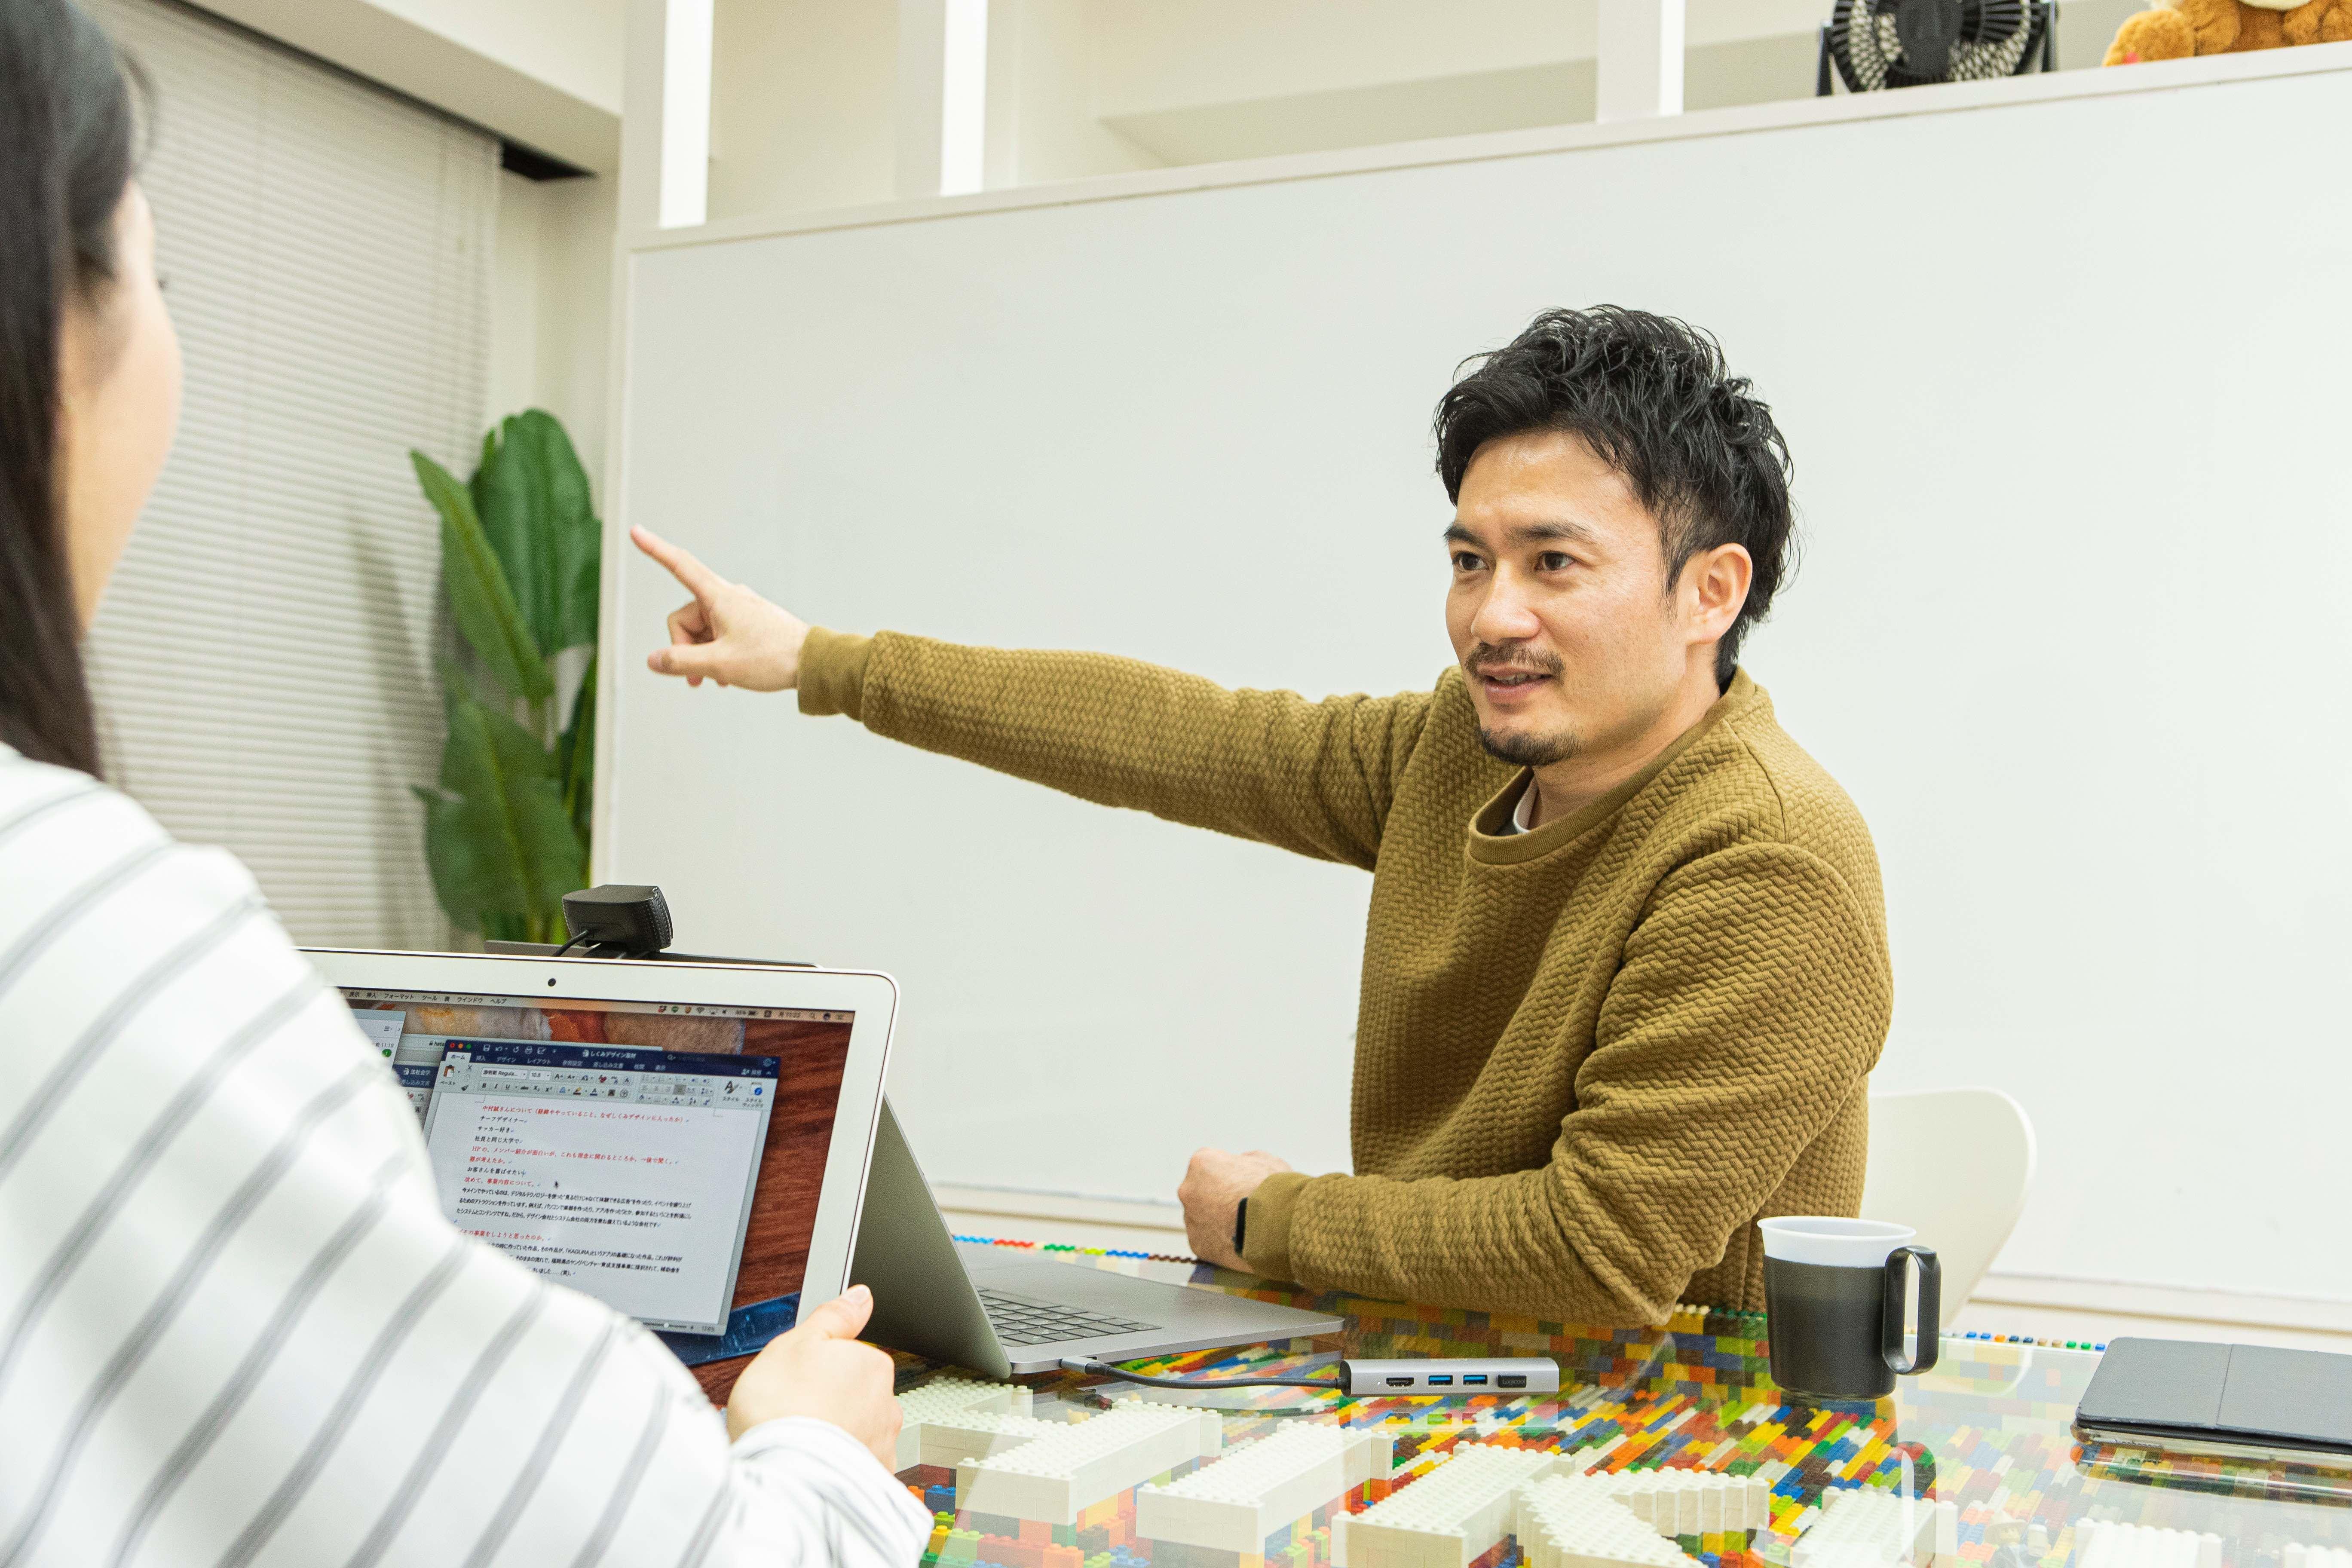 株式会社しくみデザイン 中村誠さんさん